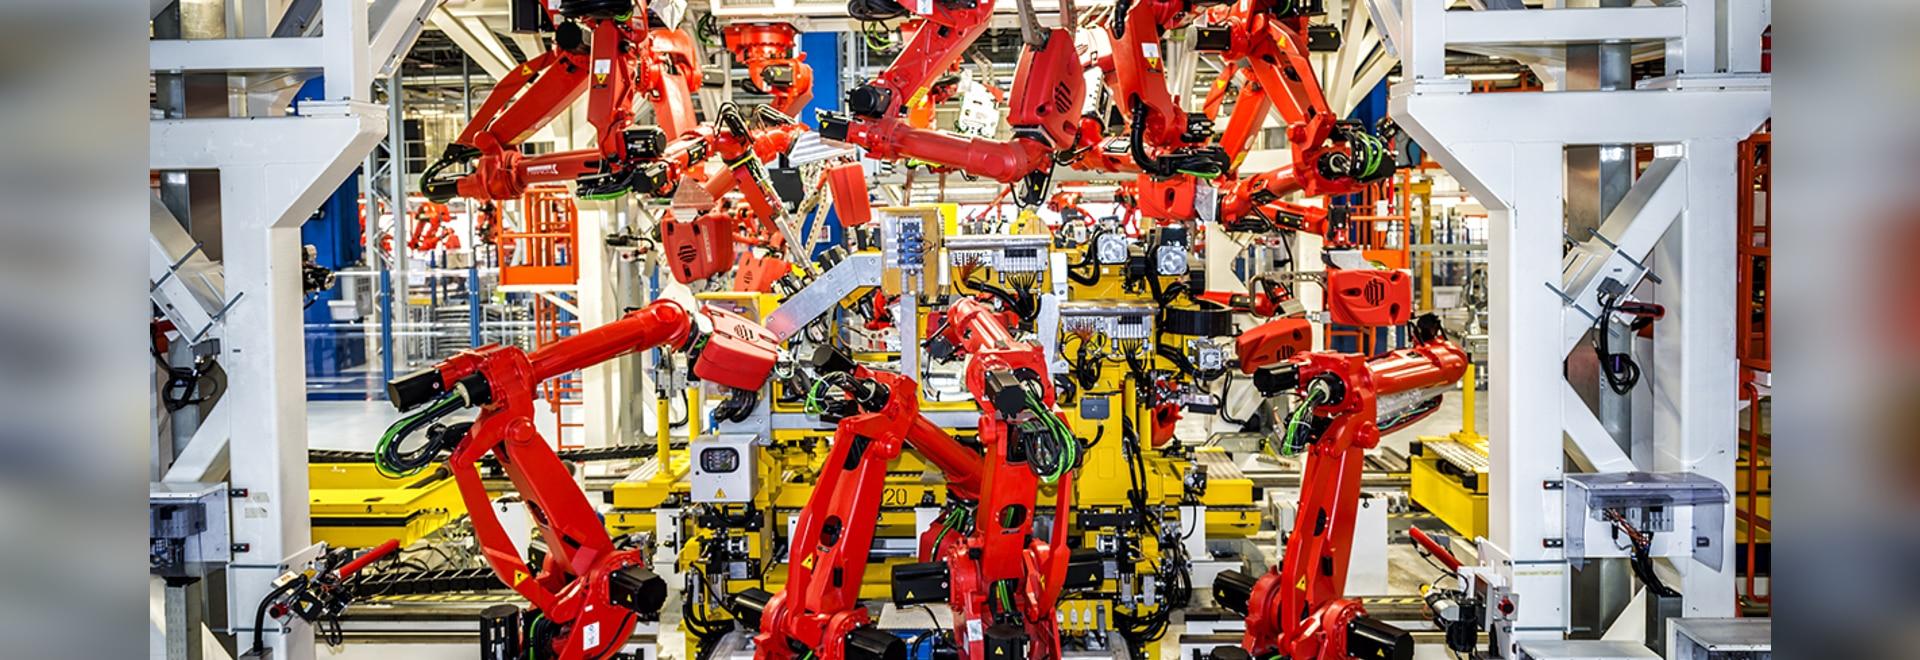 Roboter auf dem Aufstieg